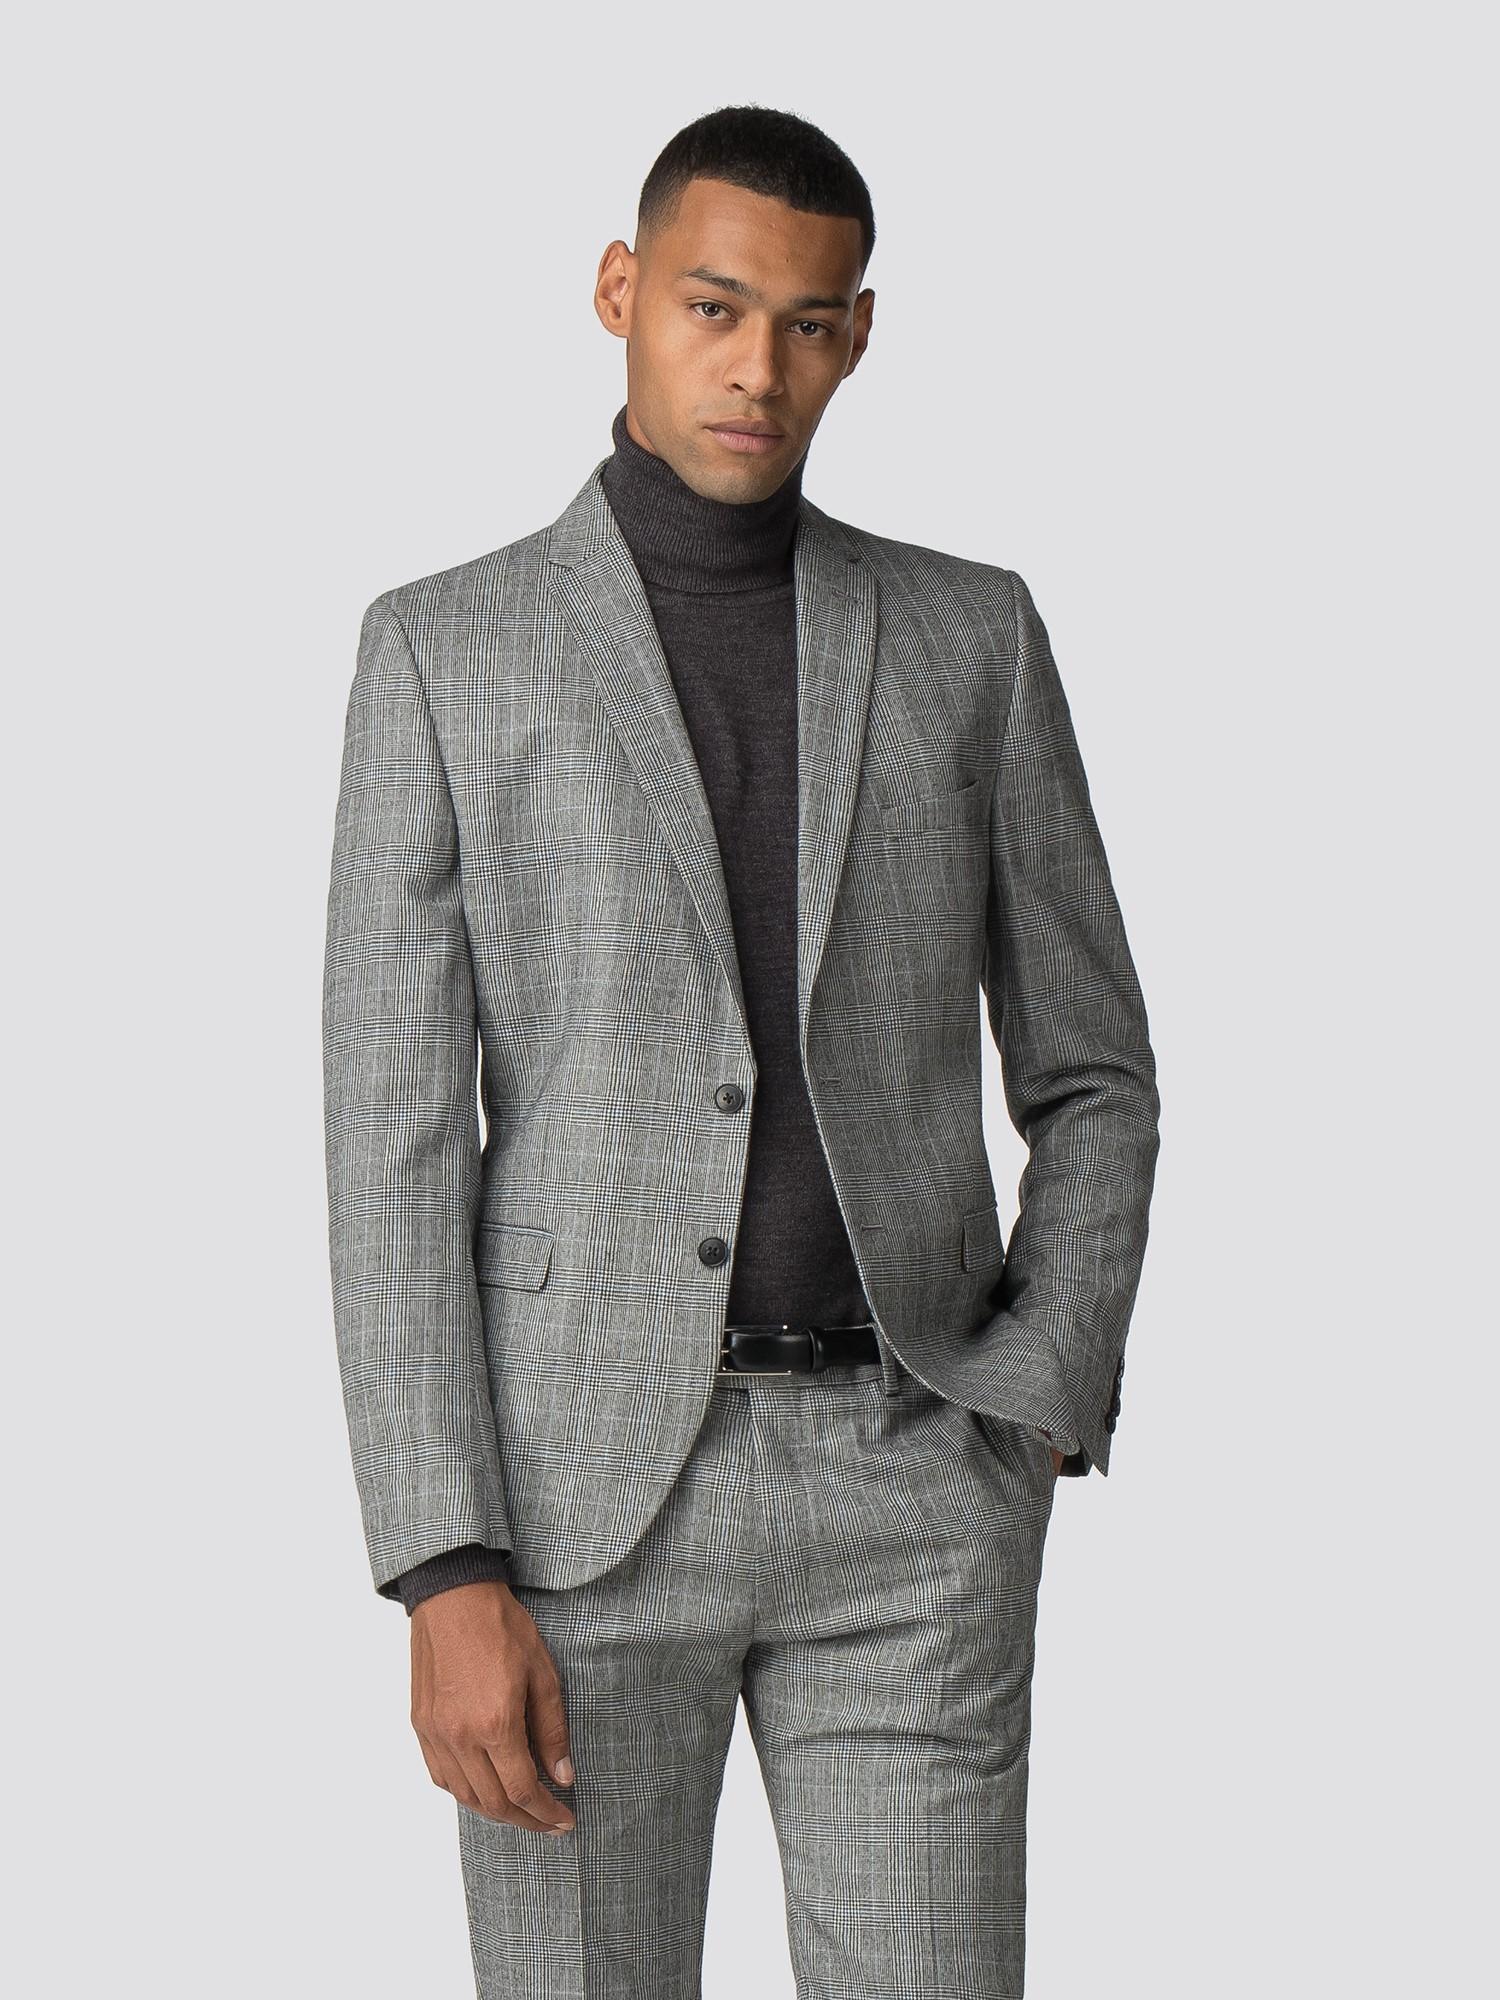 4bc857a9cc6583 Men's Grey Check Prince of Wales Suit | Ben Sherman | Est 1963